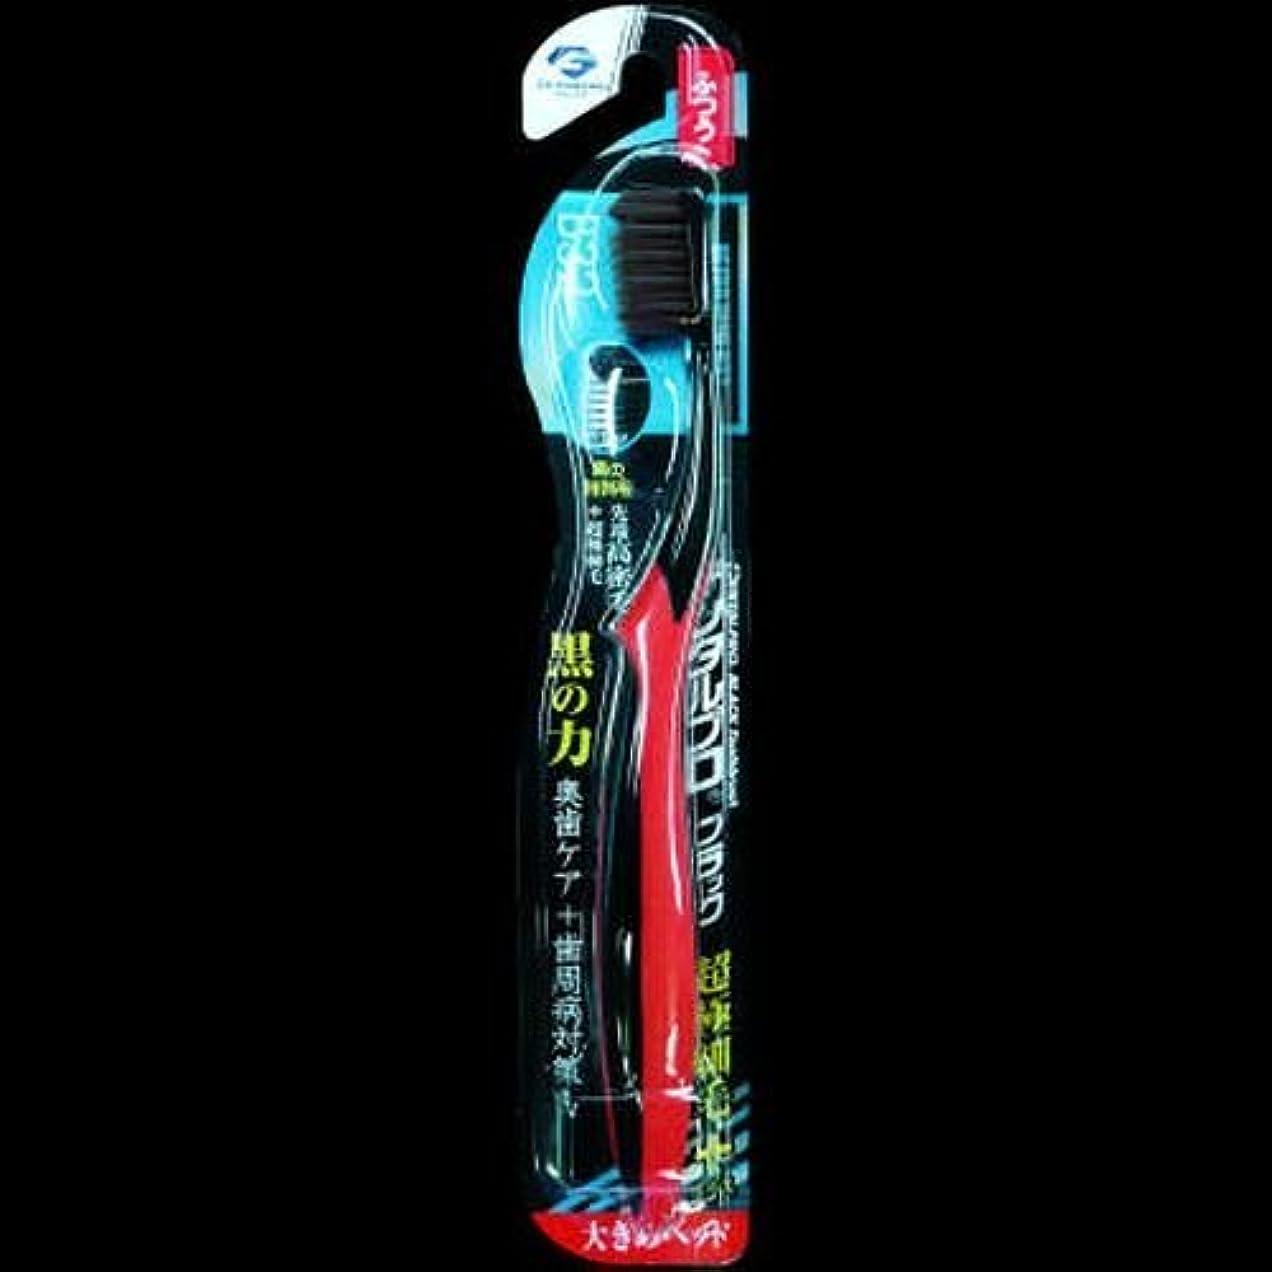 振る舞い質素なランドマークデンタルプロ ブラック歯ブラシ 超極細毛プラス大きめヘッド ふつう ×2セット